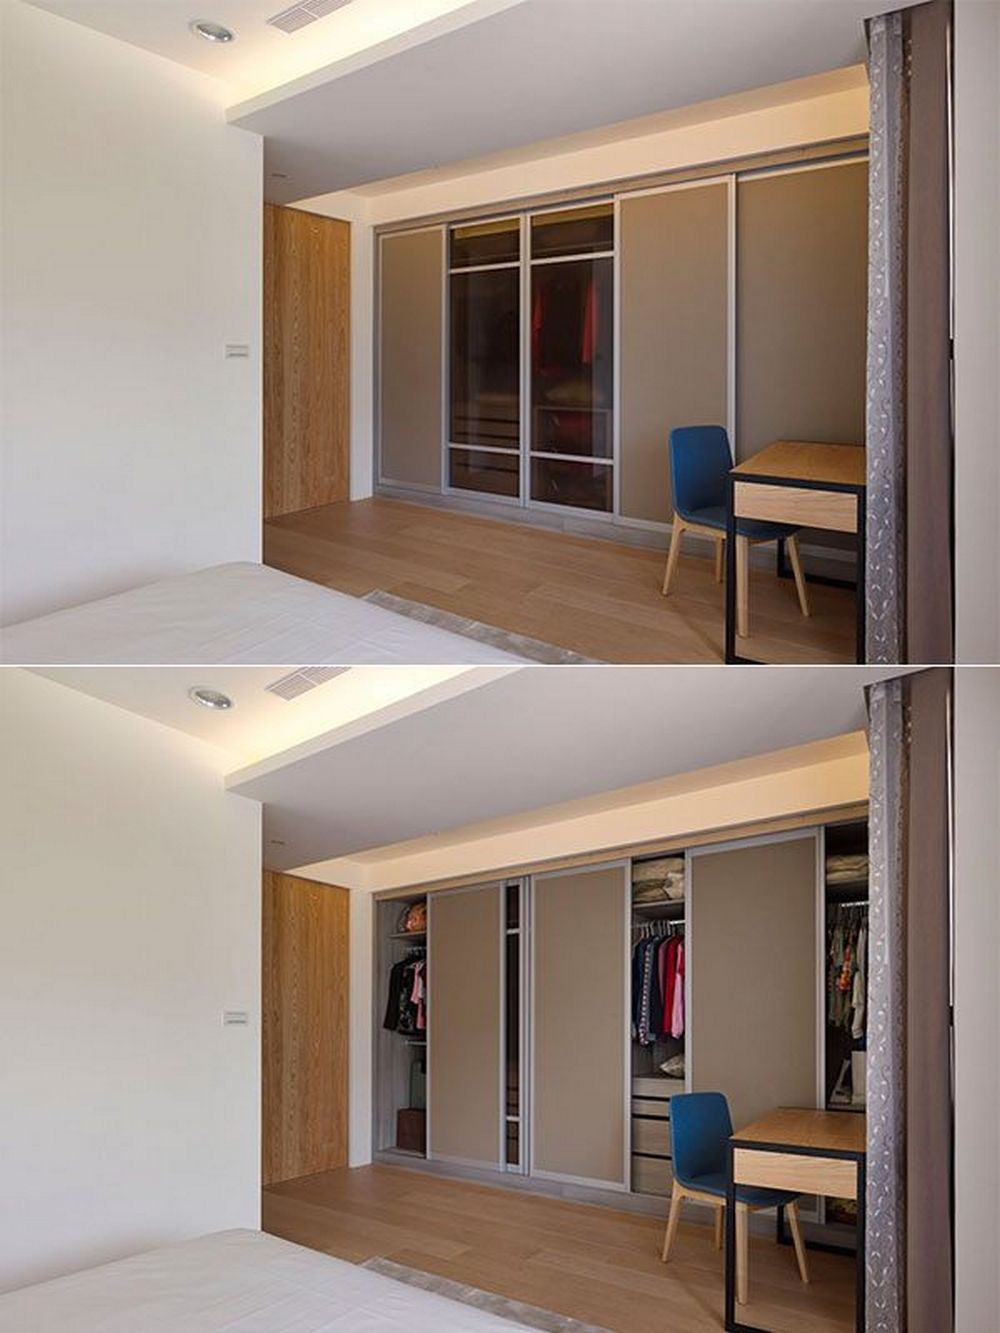 Comforter Sets Luxury Interior DesignUrban StyleTaiwanHong Kong